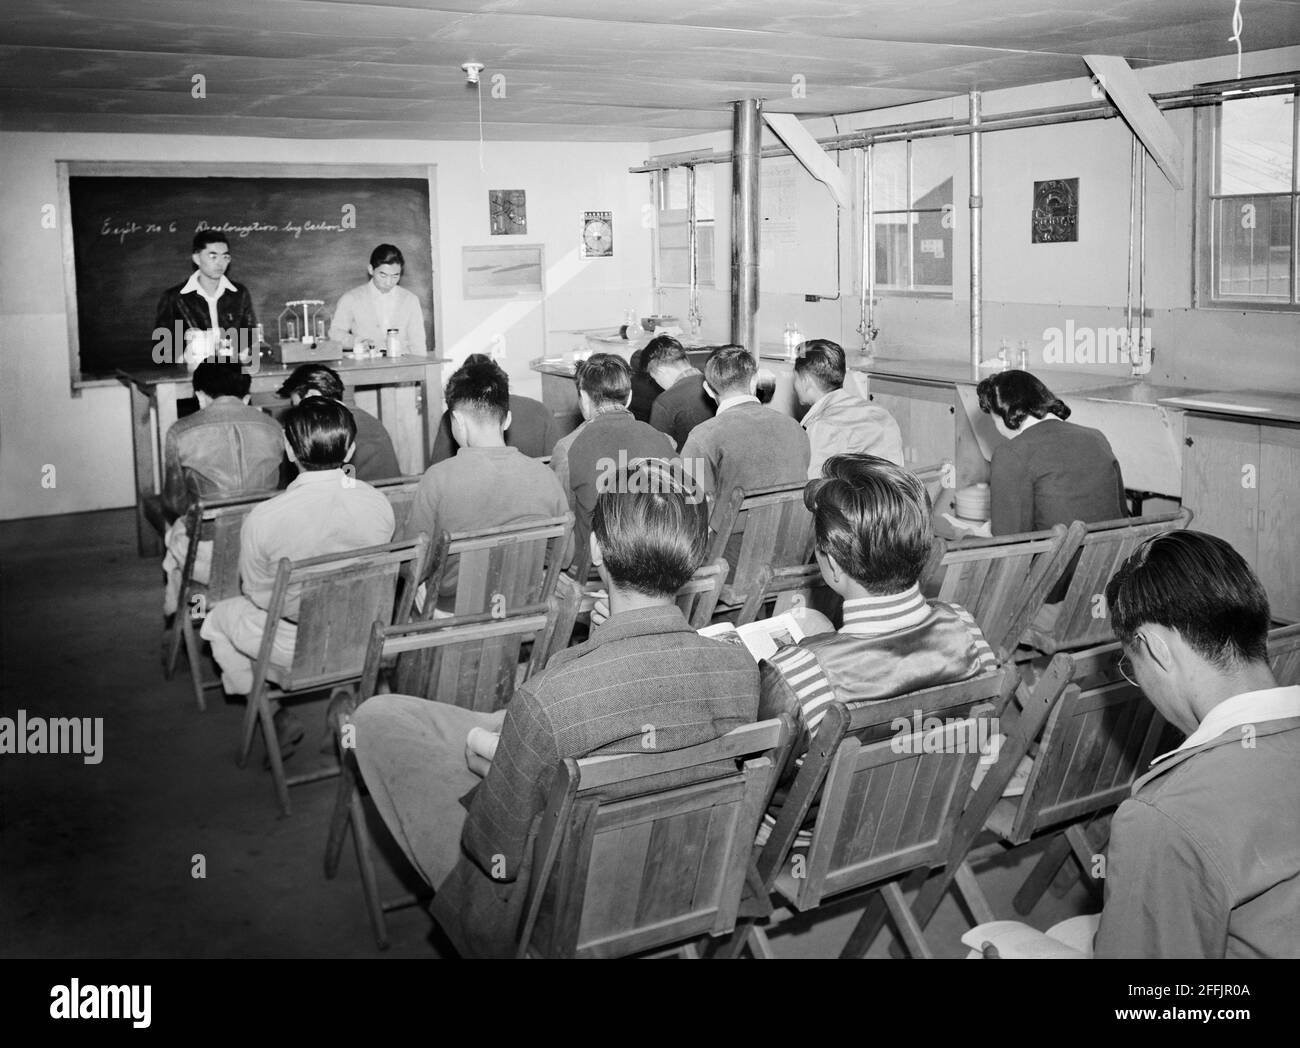 Étudiants japonais-américains assis dans le laboratoire de classe pendant la conférence scientifique, Manzanar Relocation Center, Californie, Etats-Unis, Ansel Adams, Collection Manzanar War Relocation Centre, 1943 Banque D'Images